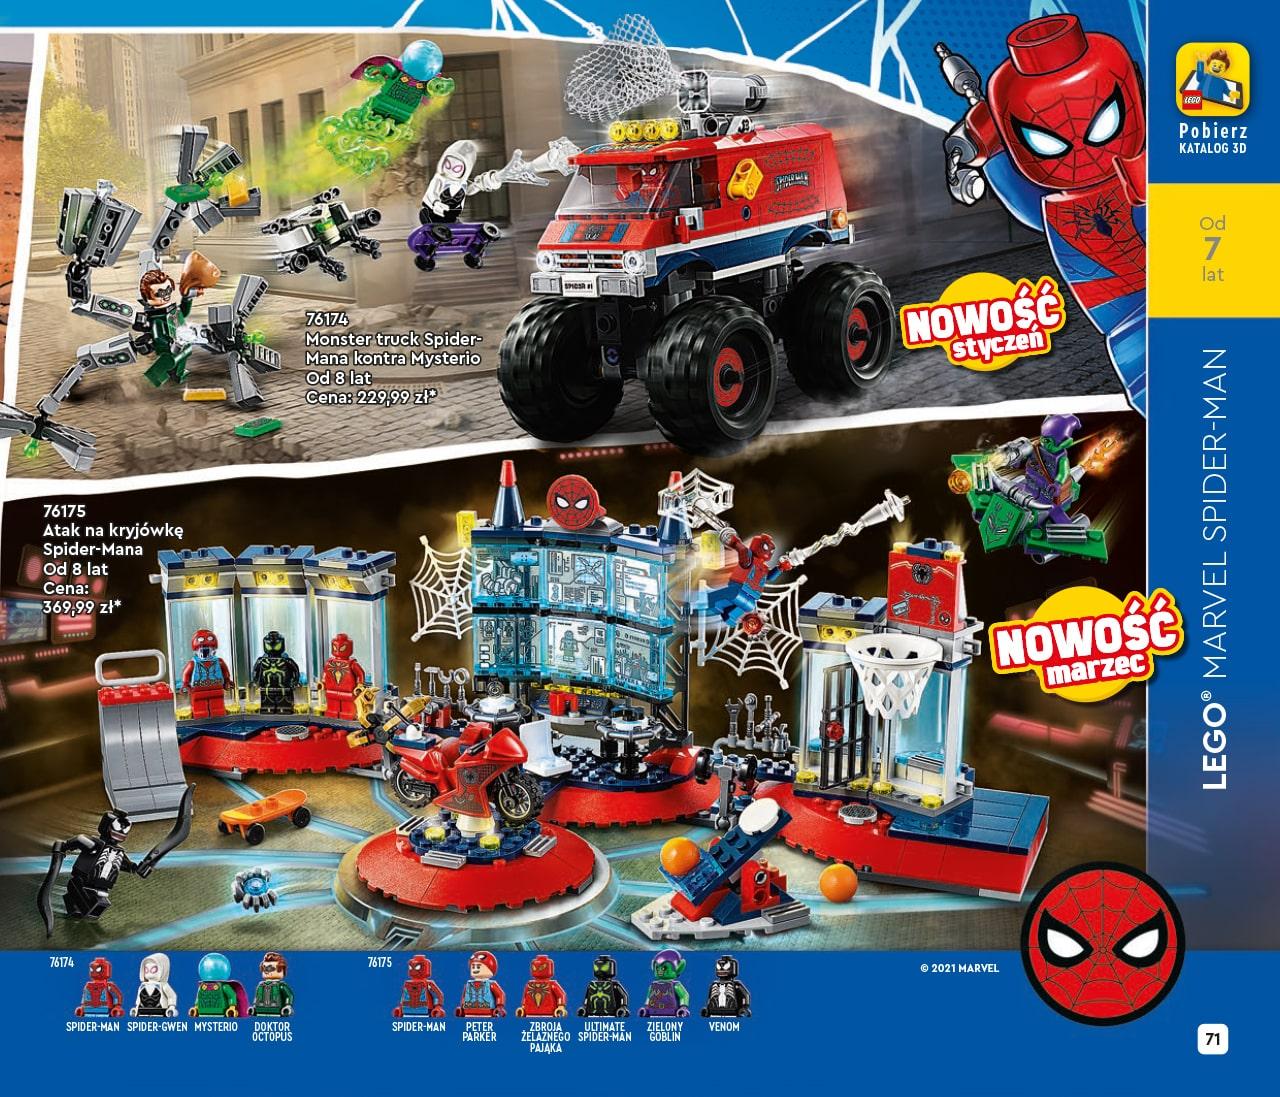 Katalog LEGO styczeń-maj 2021 - wersja polska - 71 - LEGO MARVEL SPIDER-MAN